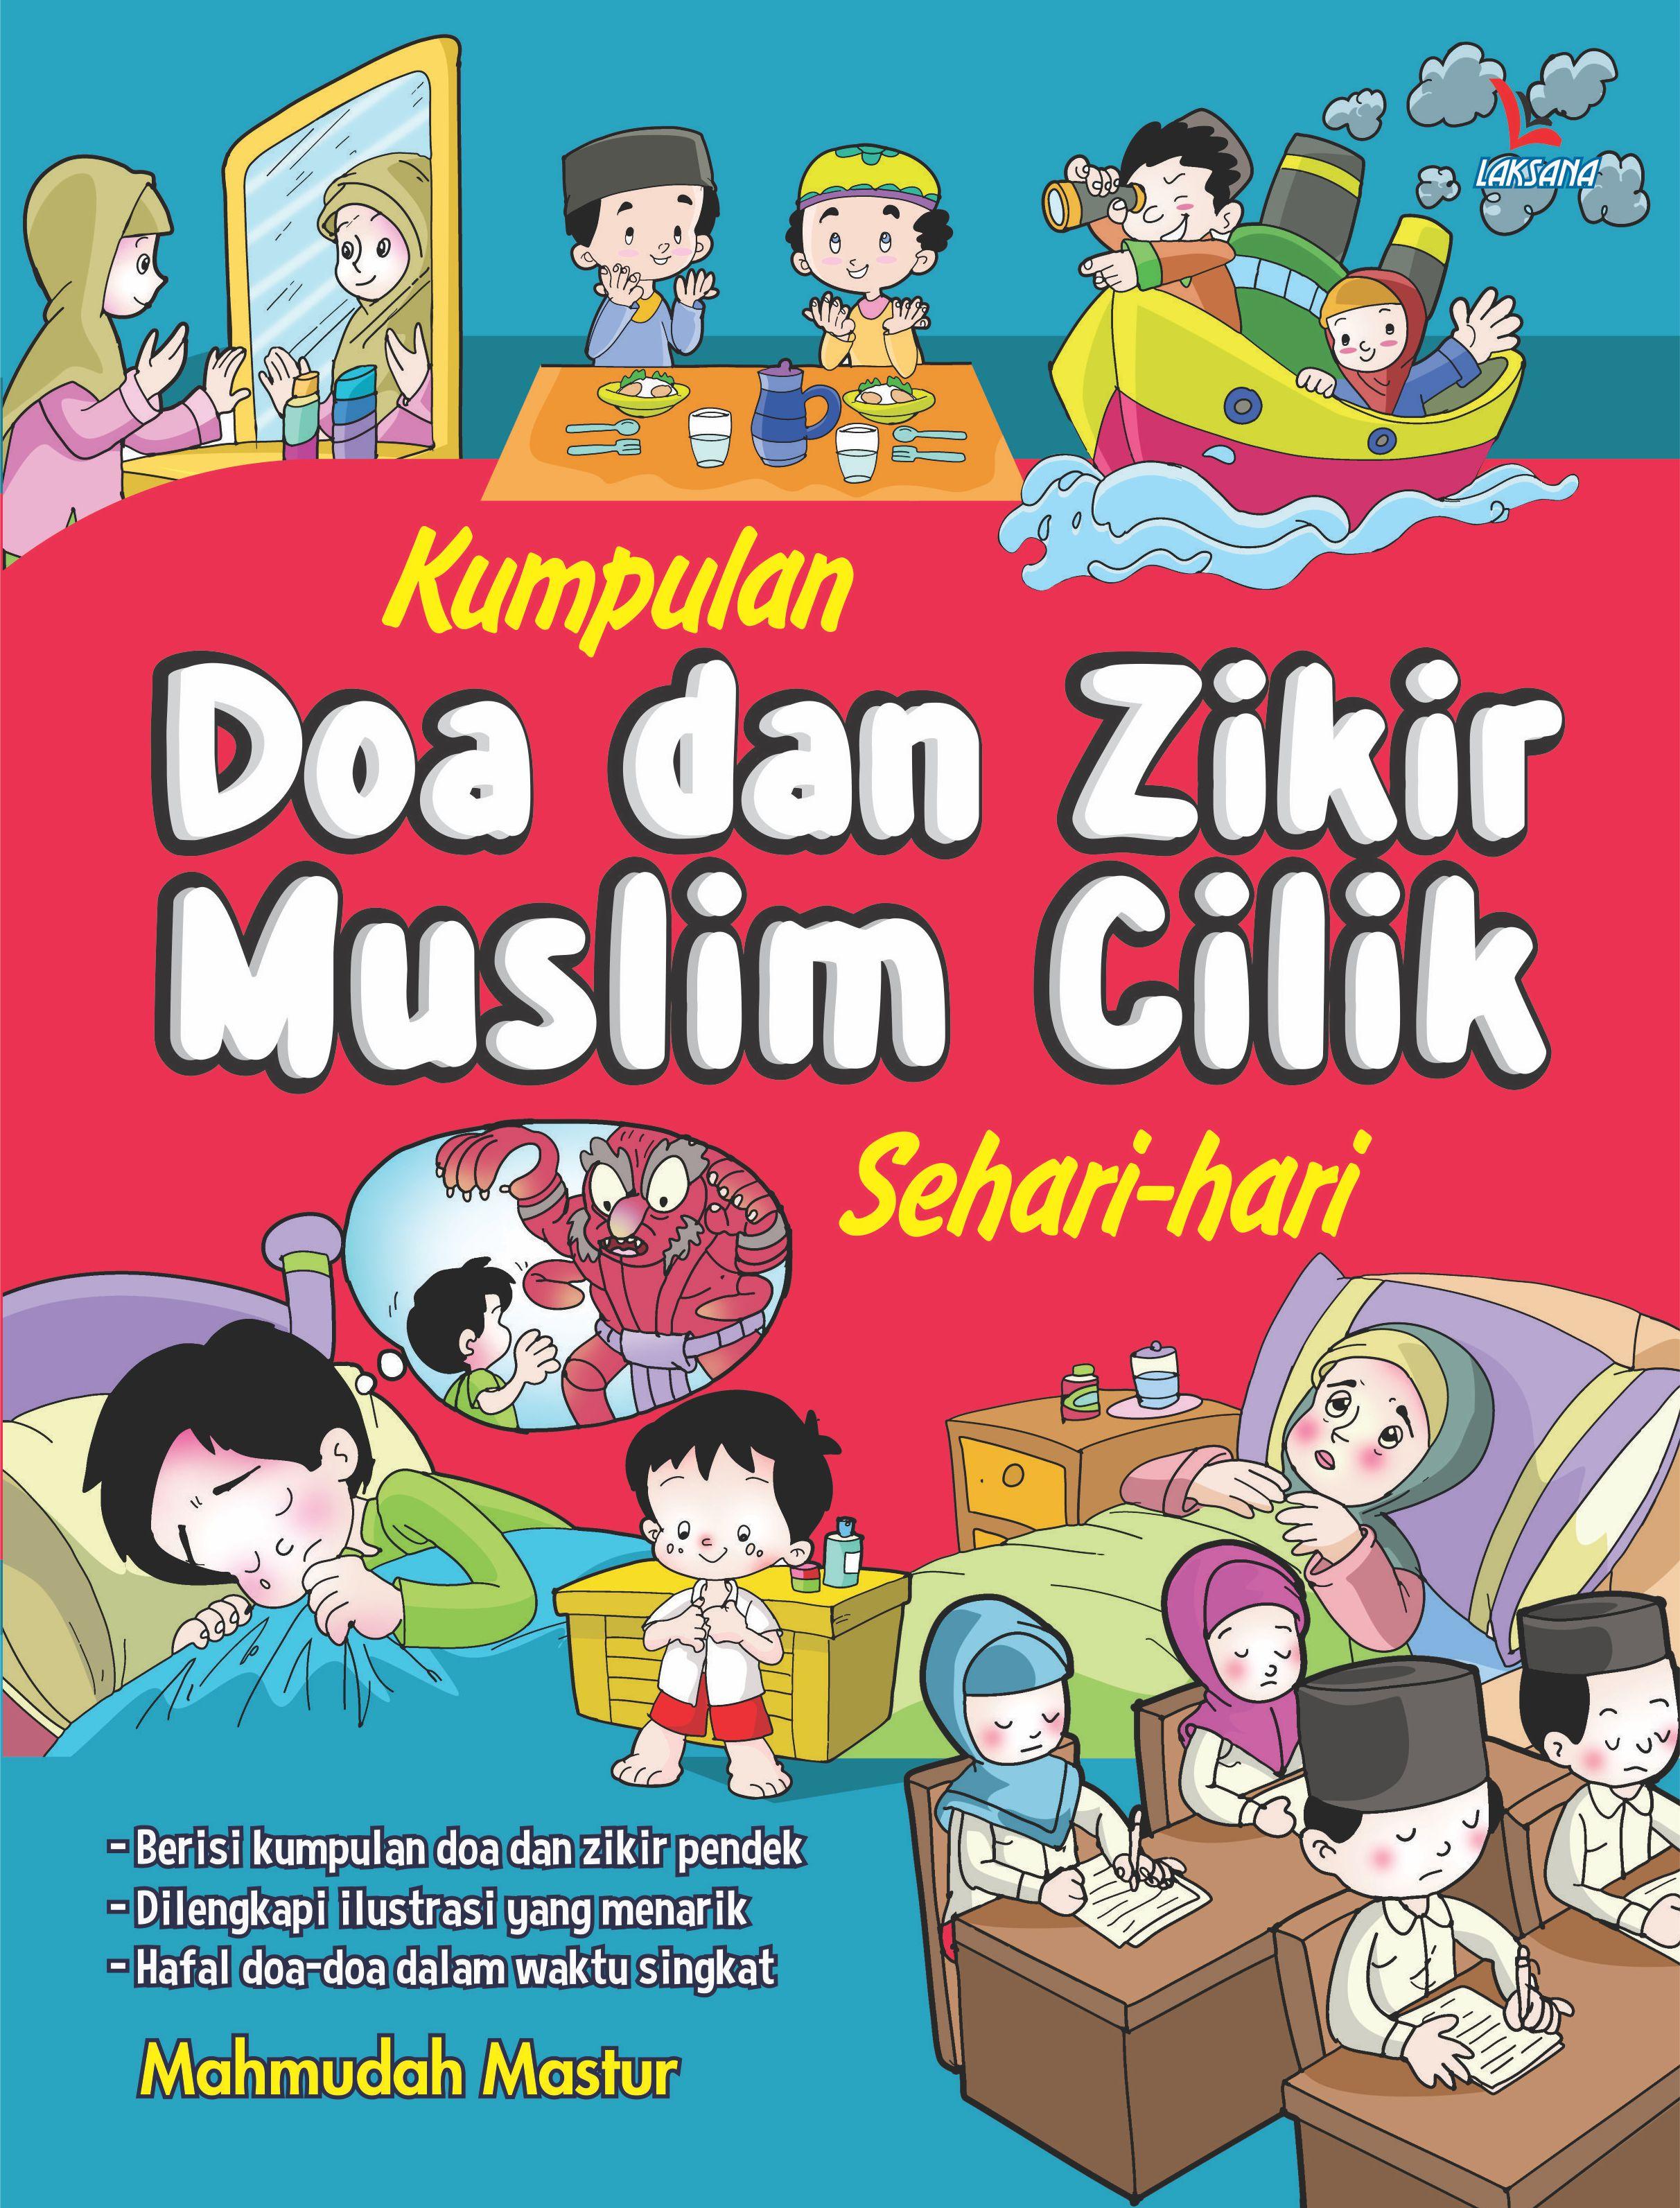 Kumpulan doa dan zikir muslim cilik sehari-hari [sumber elektronis]